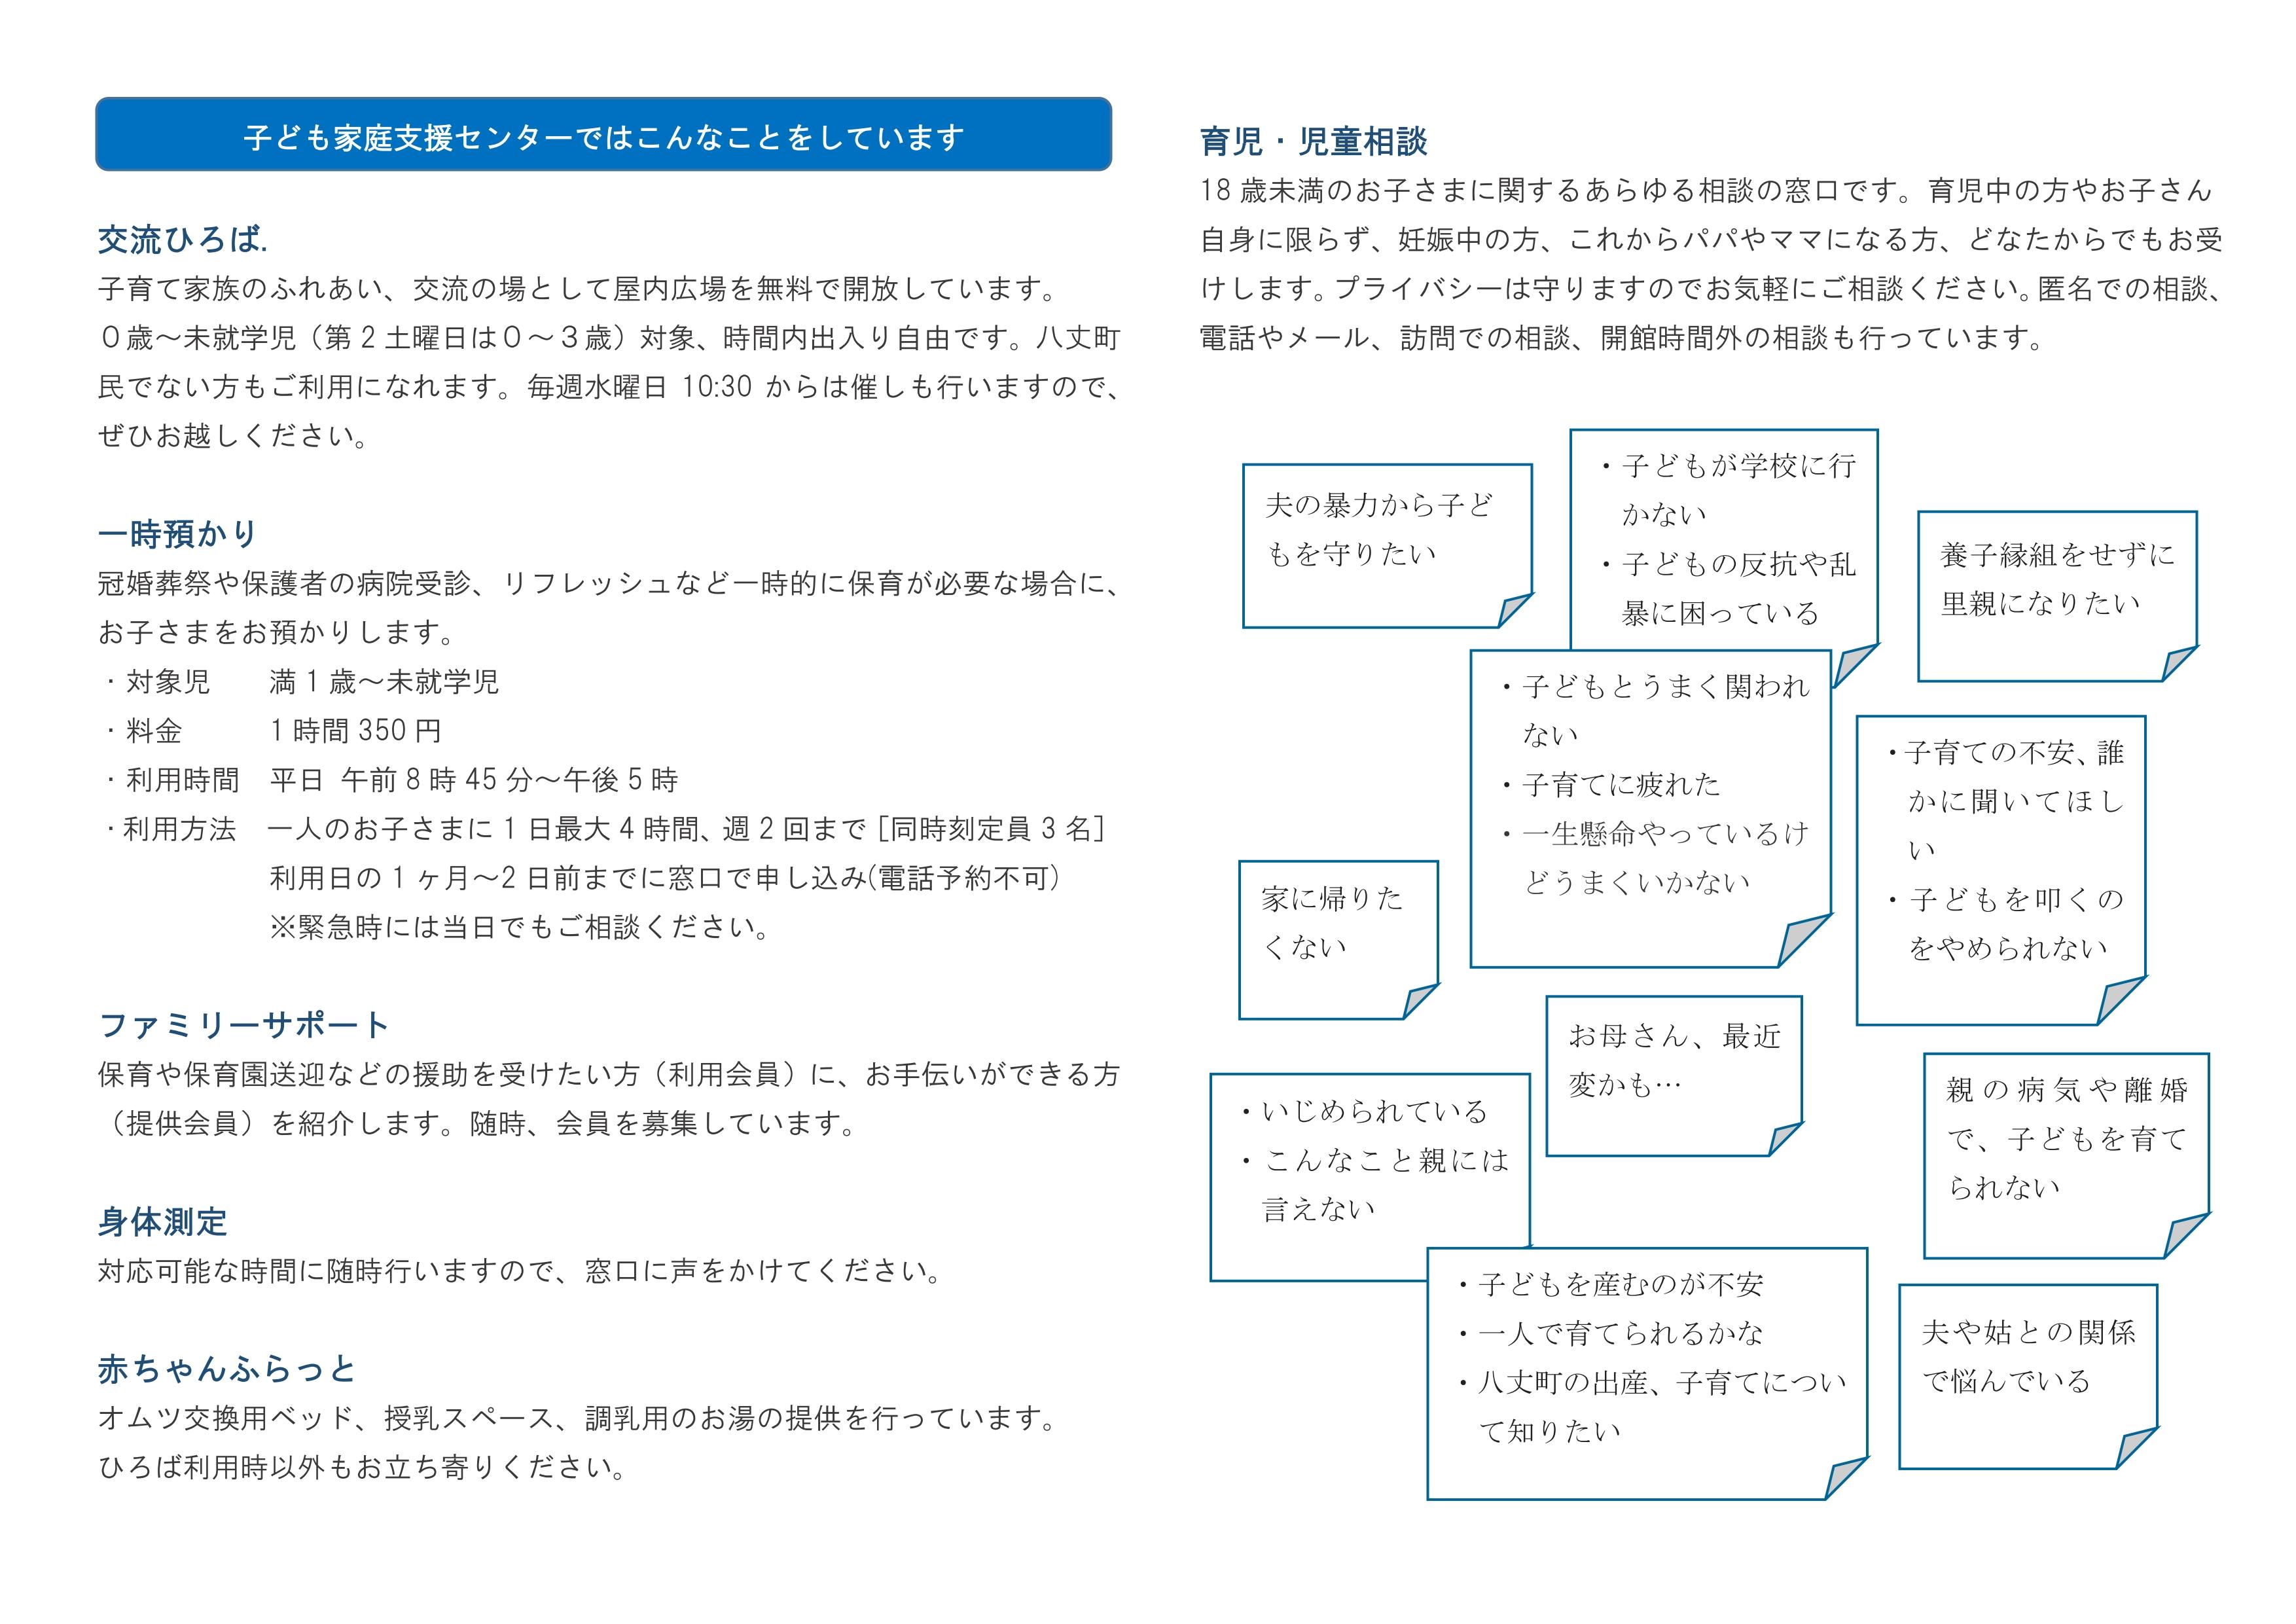 子家事業案内パンフレット【H27版】1